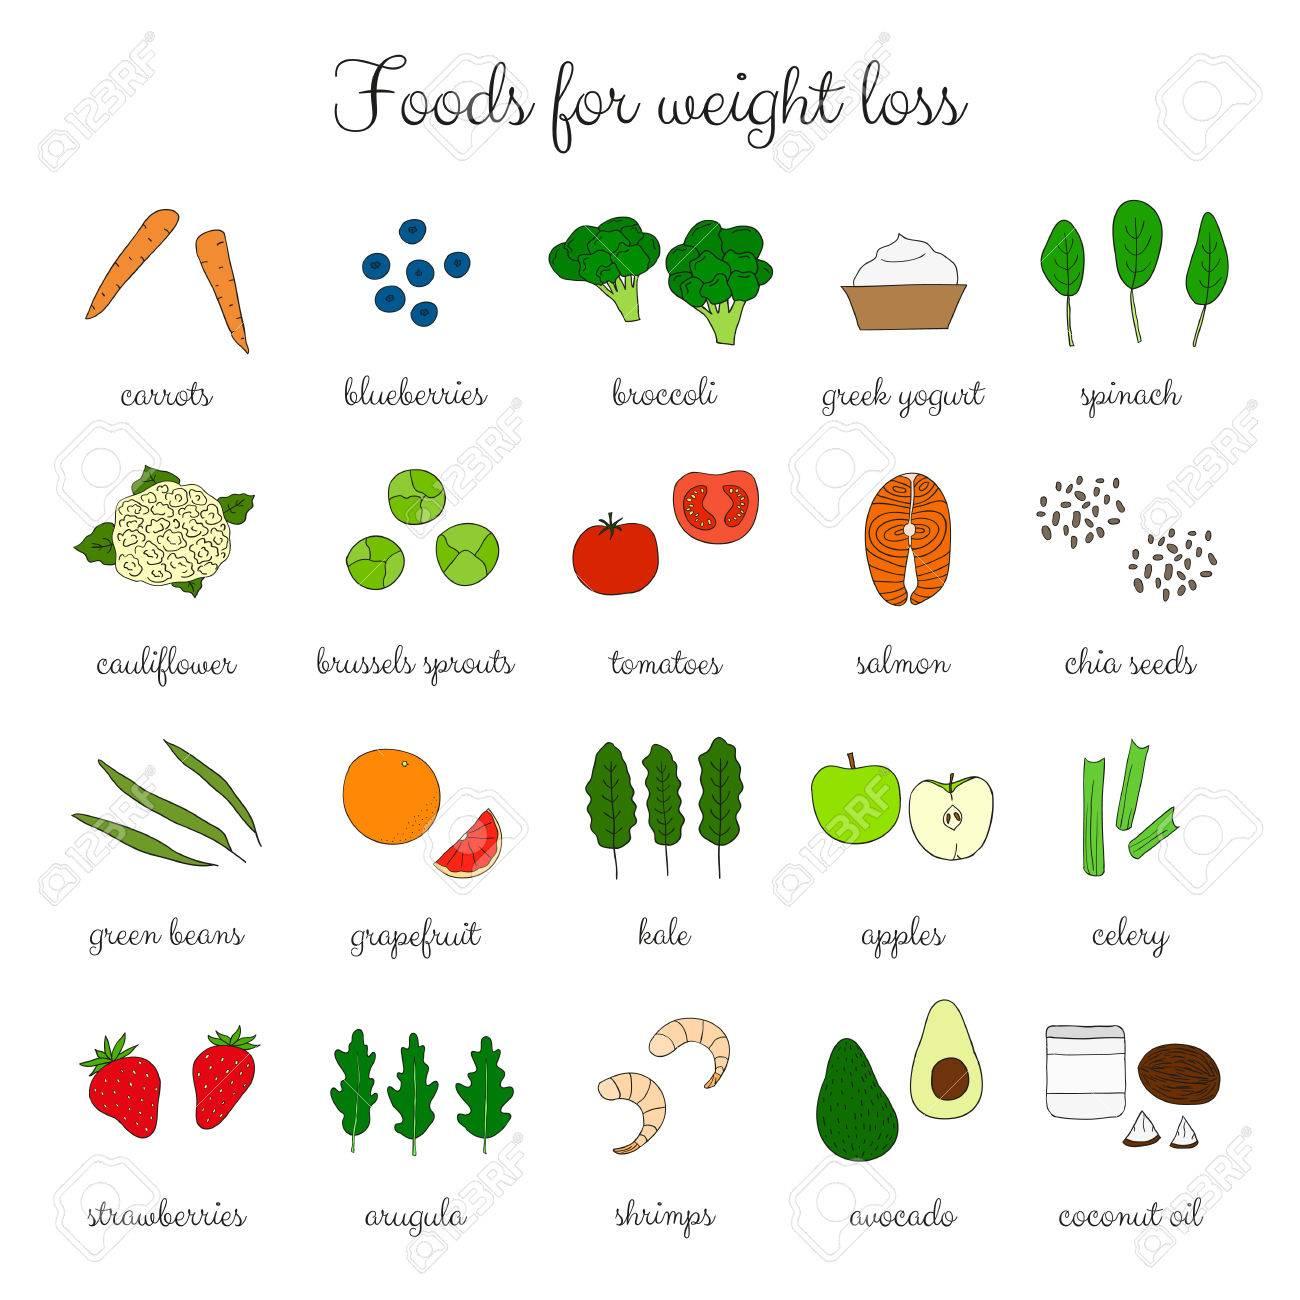 Dieta del brocoli para bajar de peso